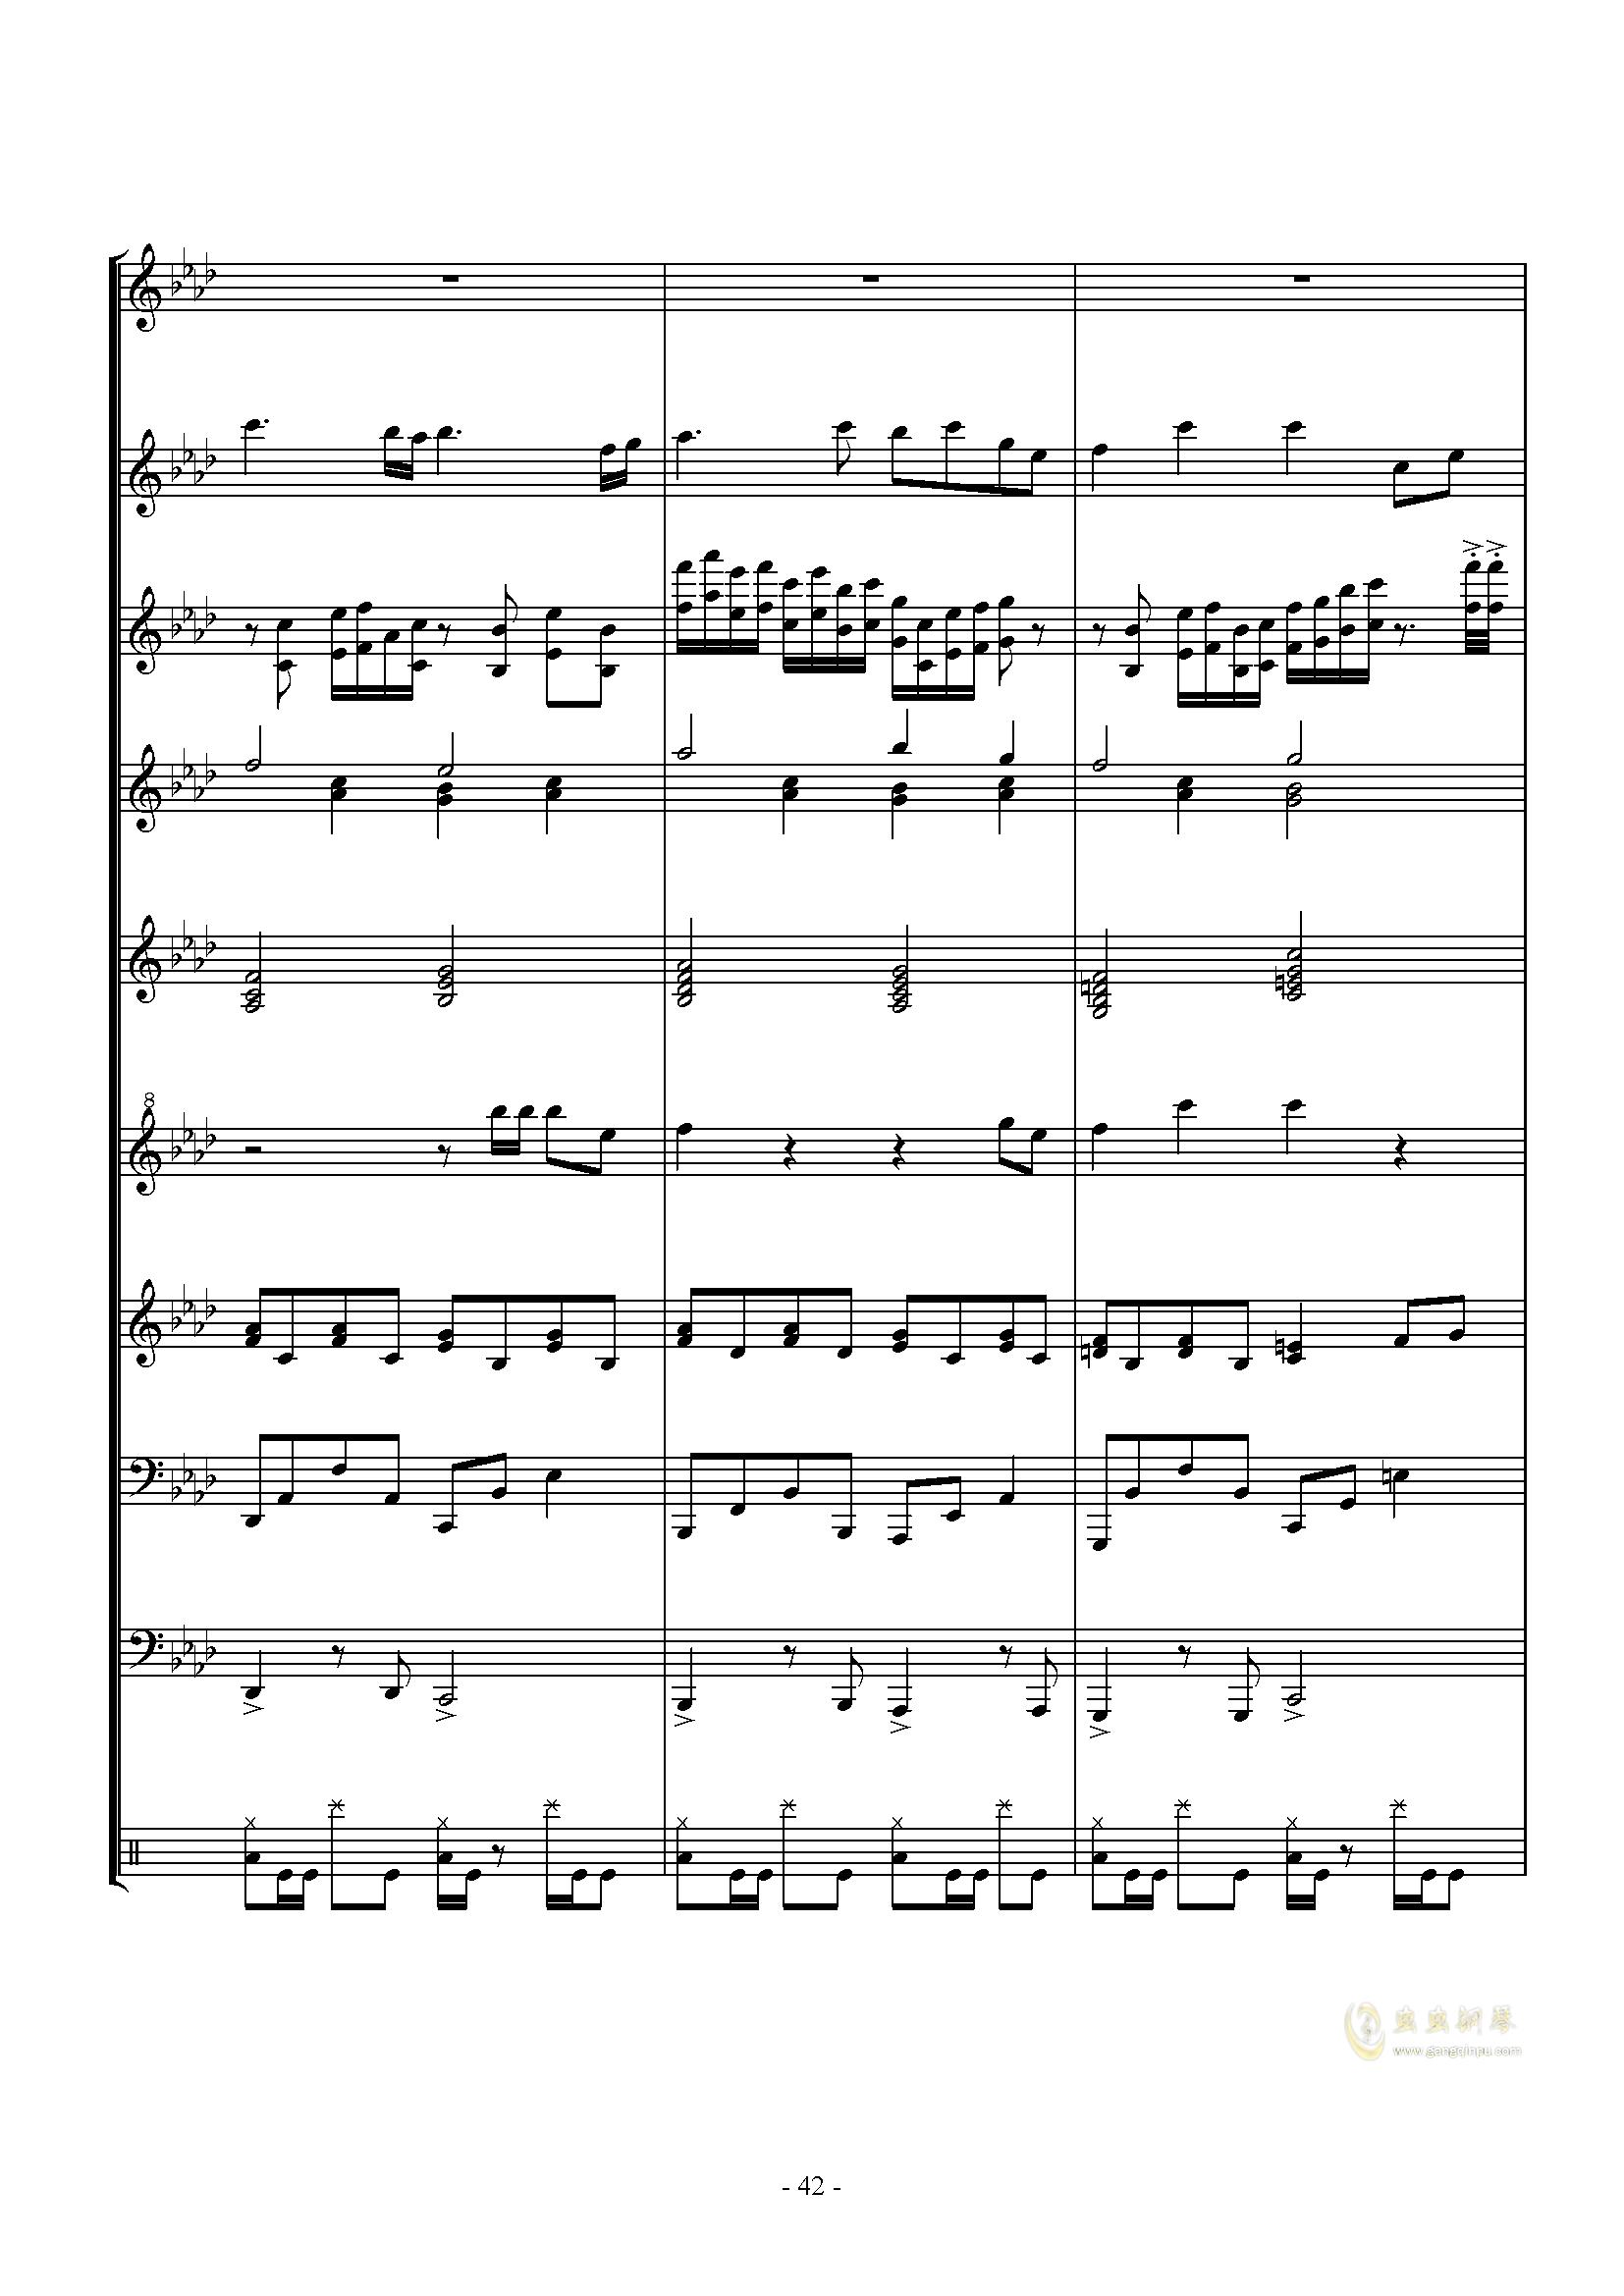 キミガタメ钢琴谱 第42页